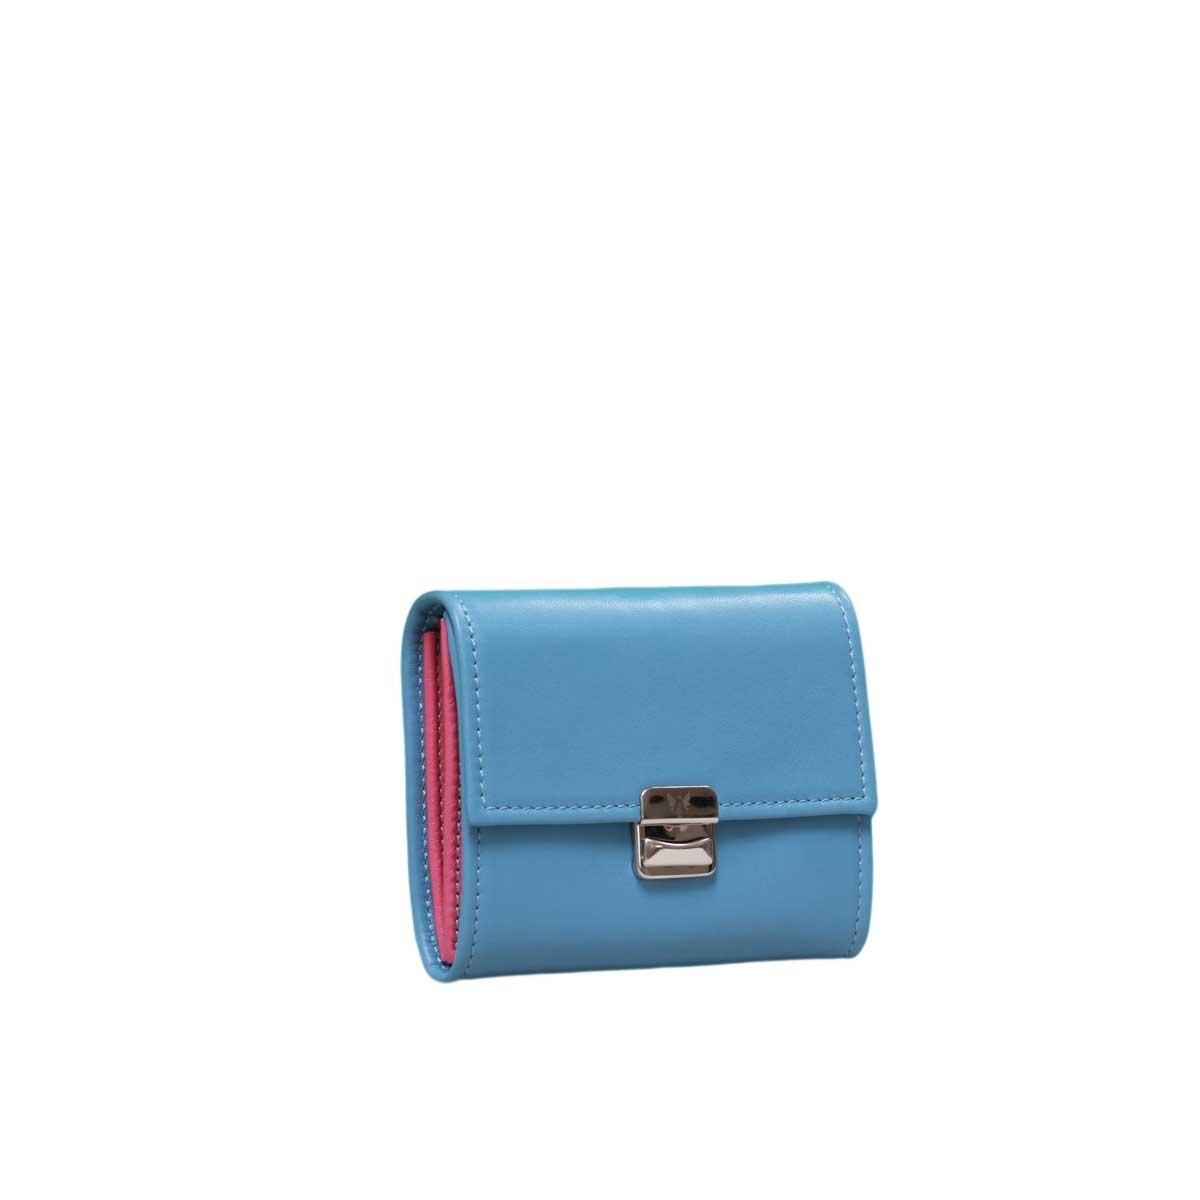 Damen Leder Portemonnaie klein Paris Blue S